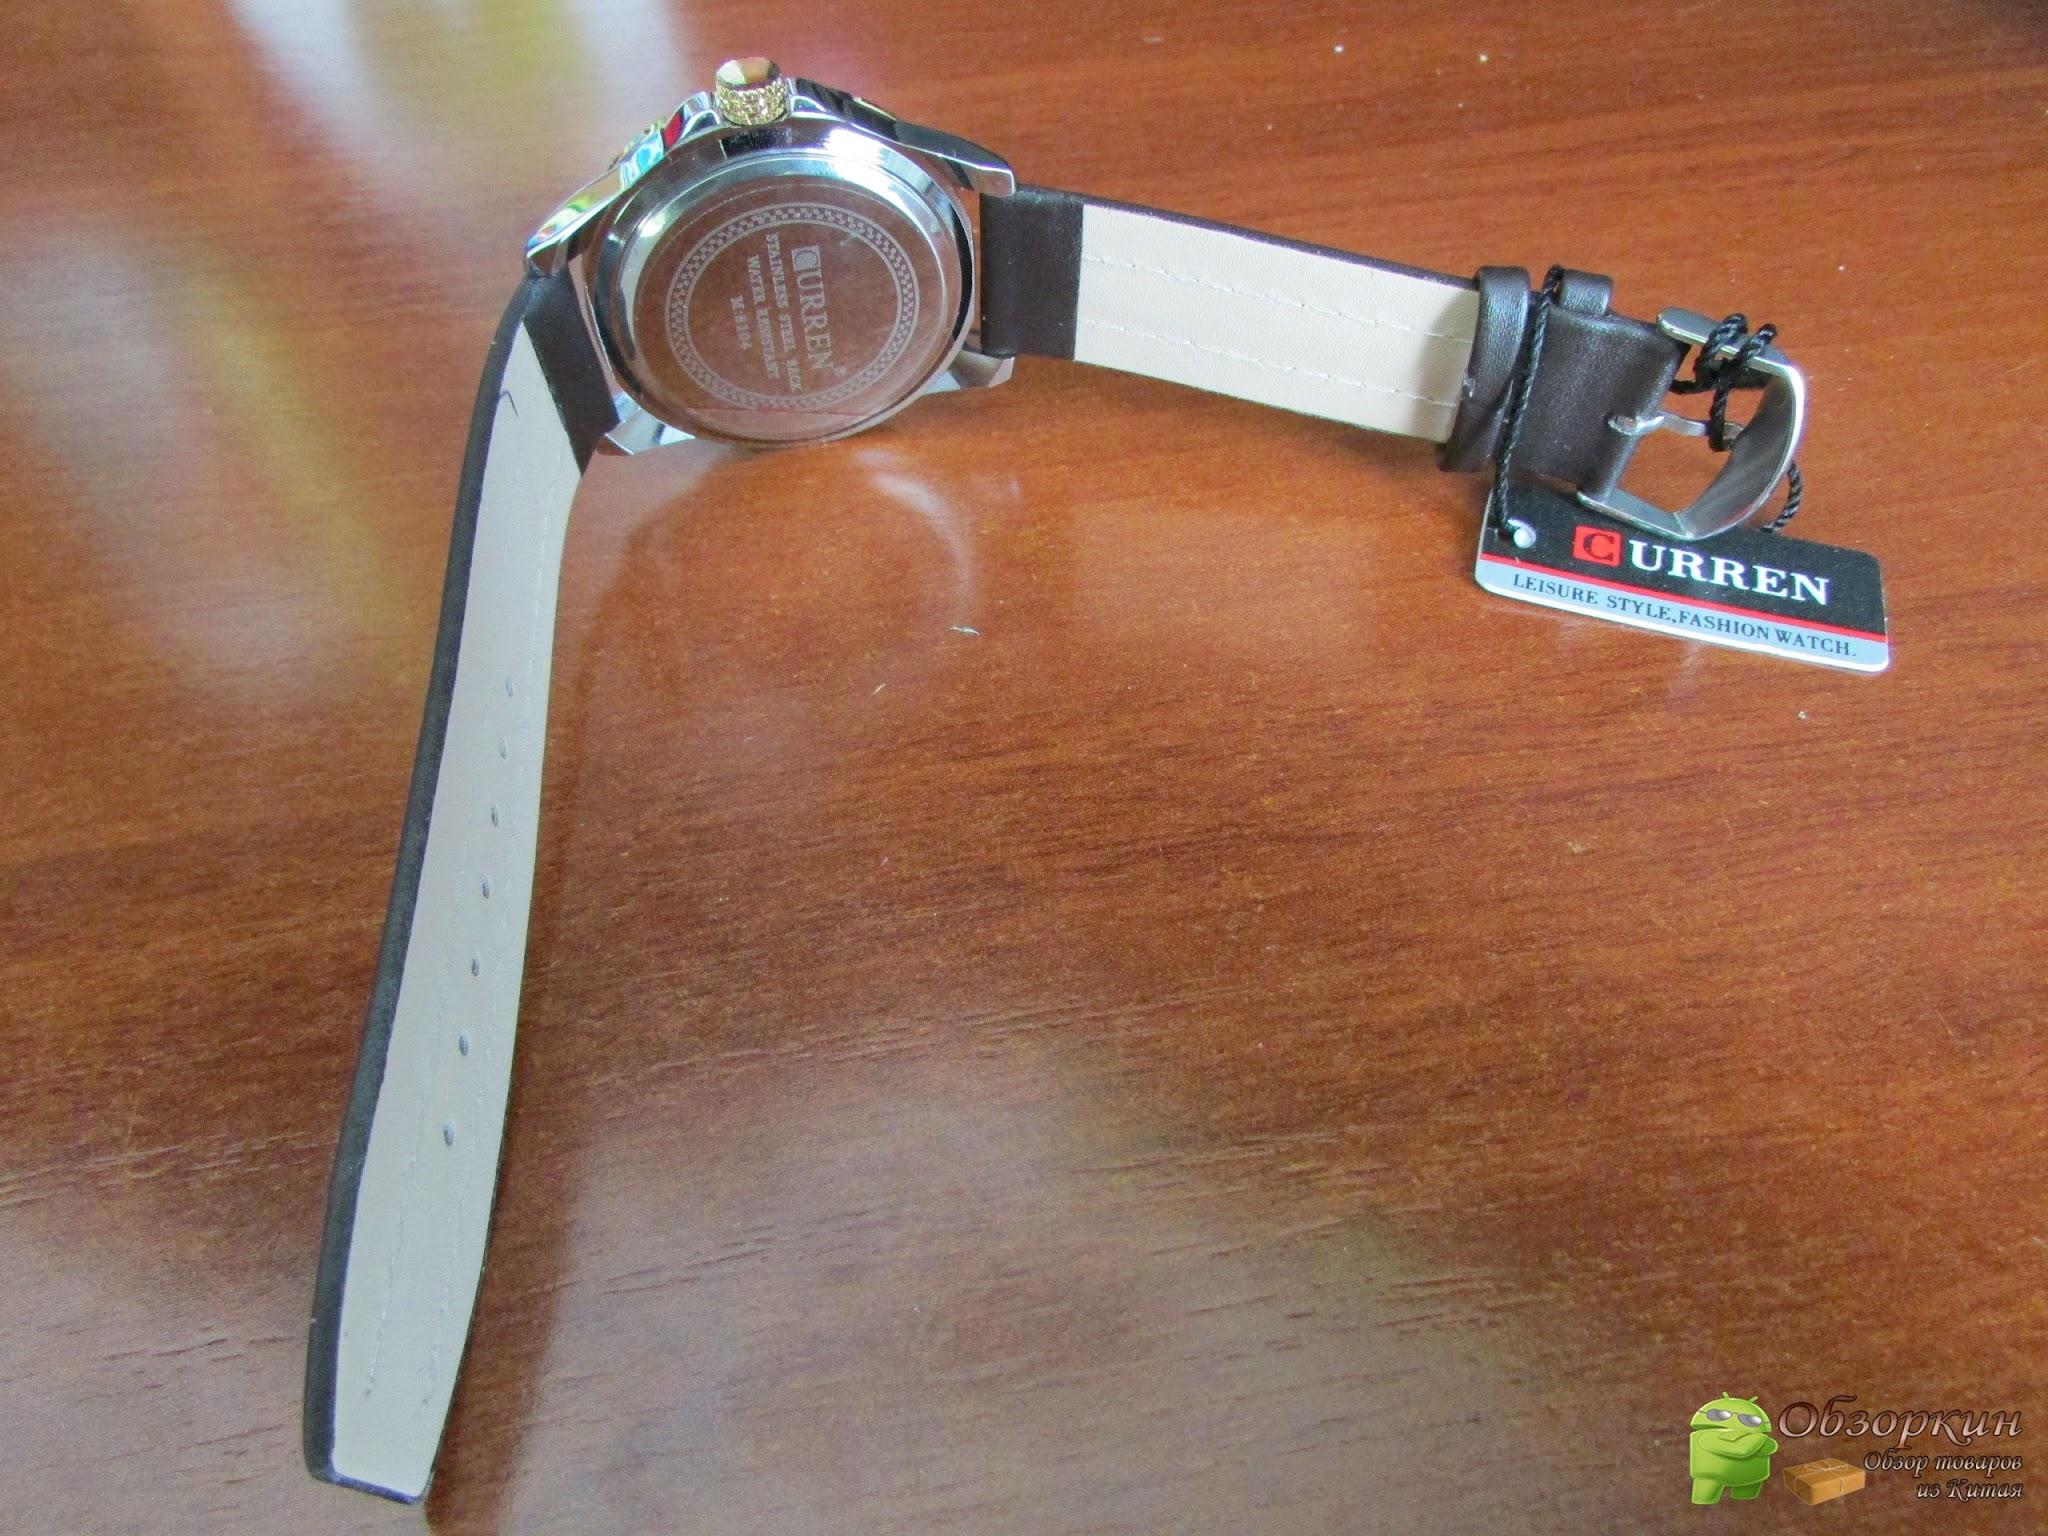 Реобас, часы Curren 8104 и карты памяти. Посылка из Китая. Aliexpress